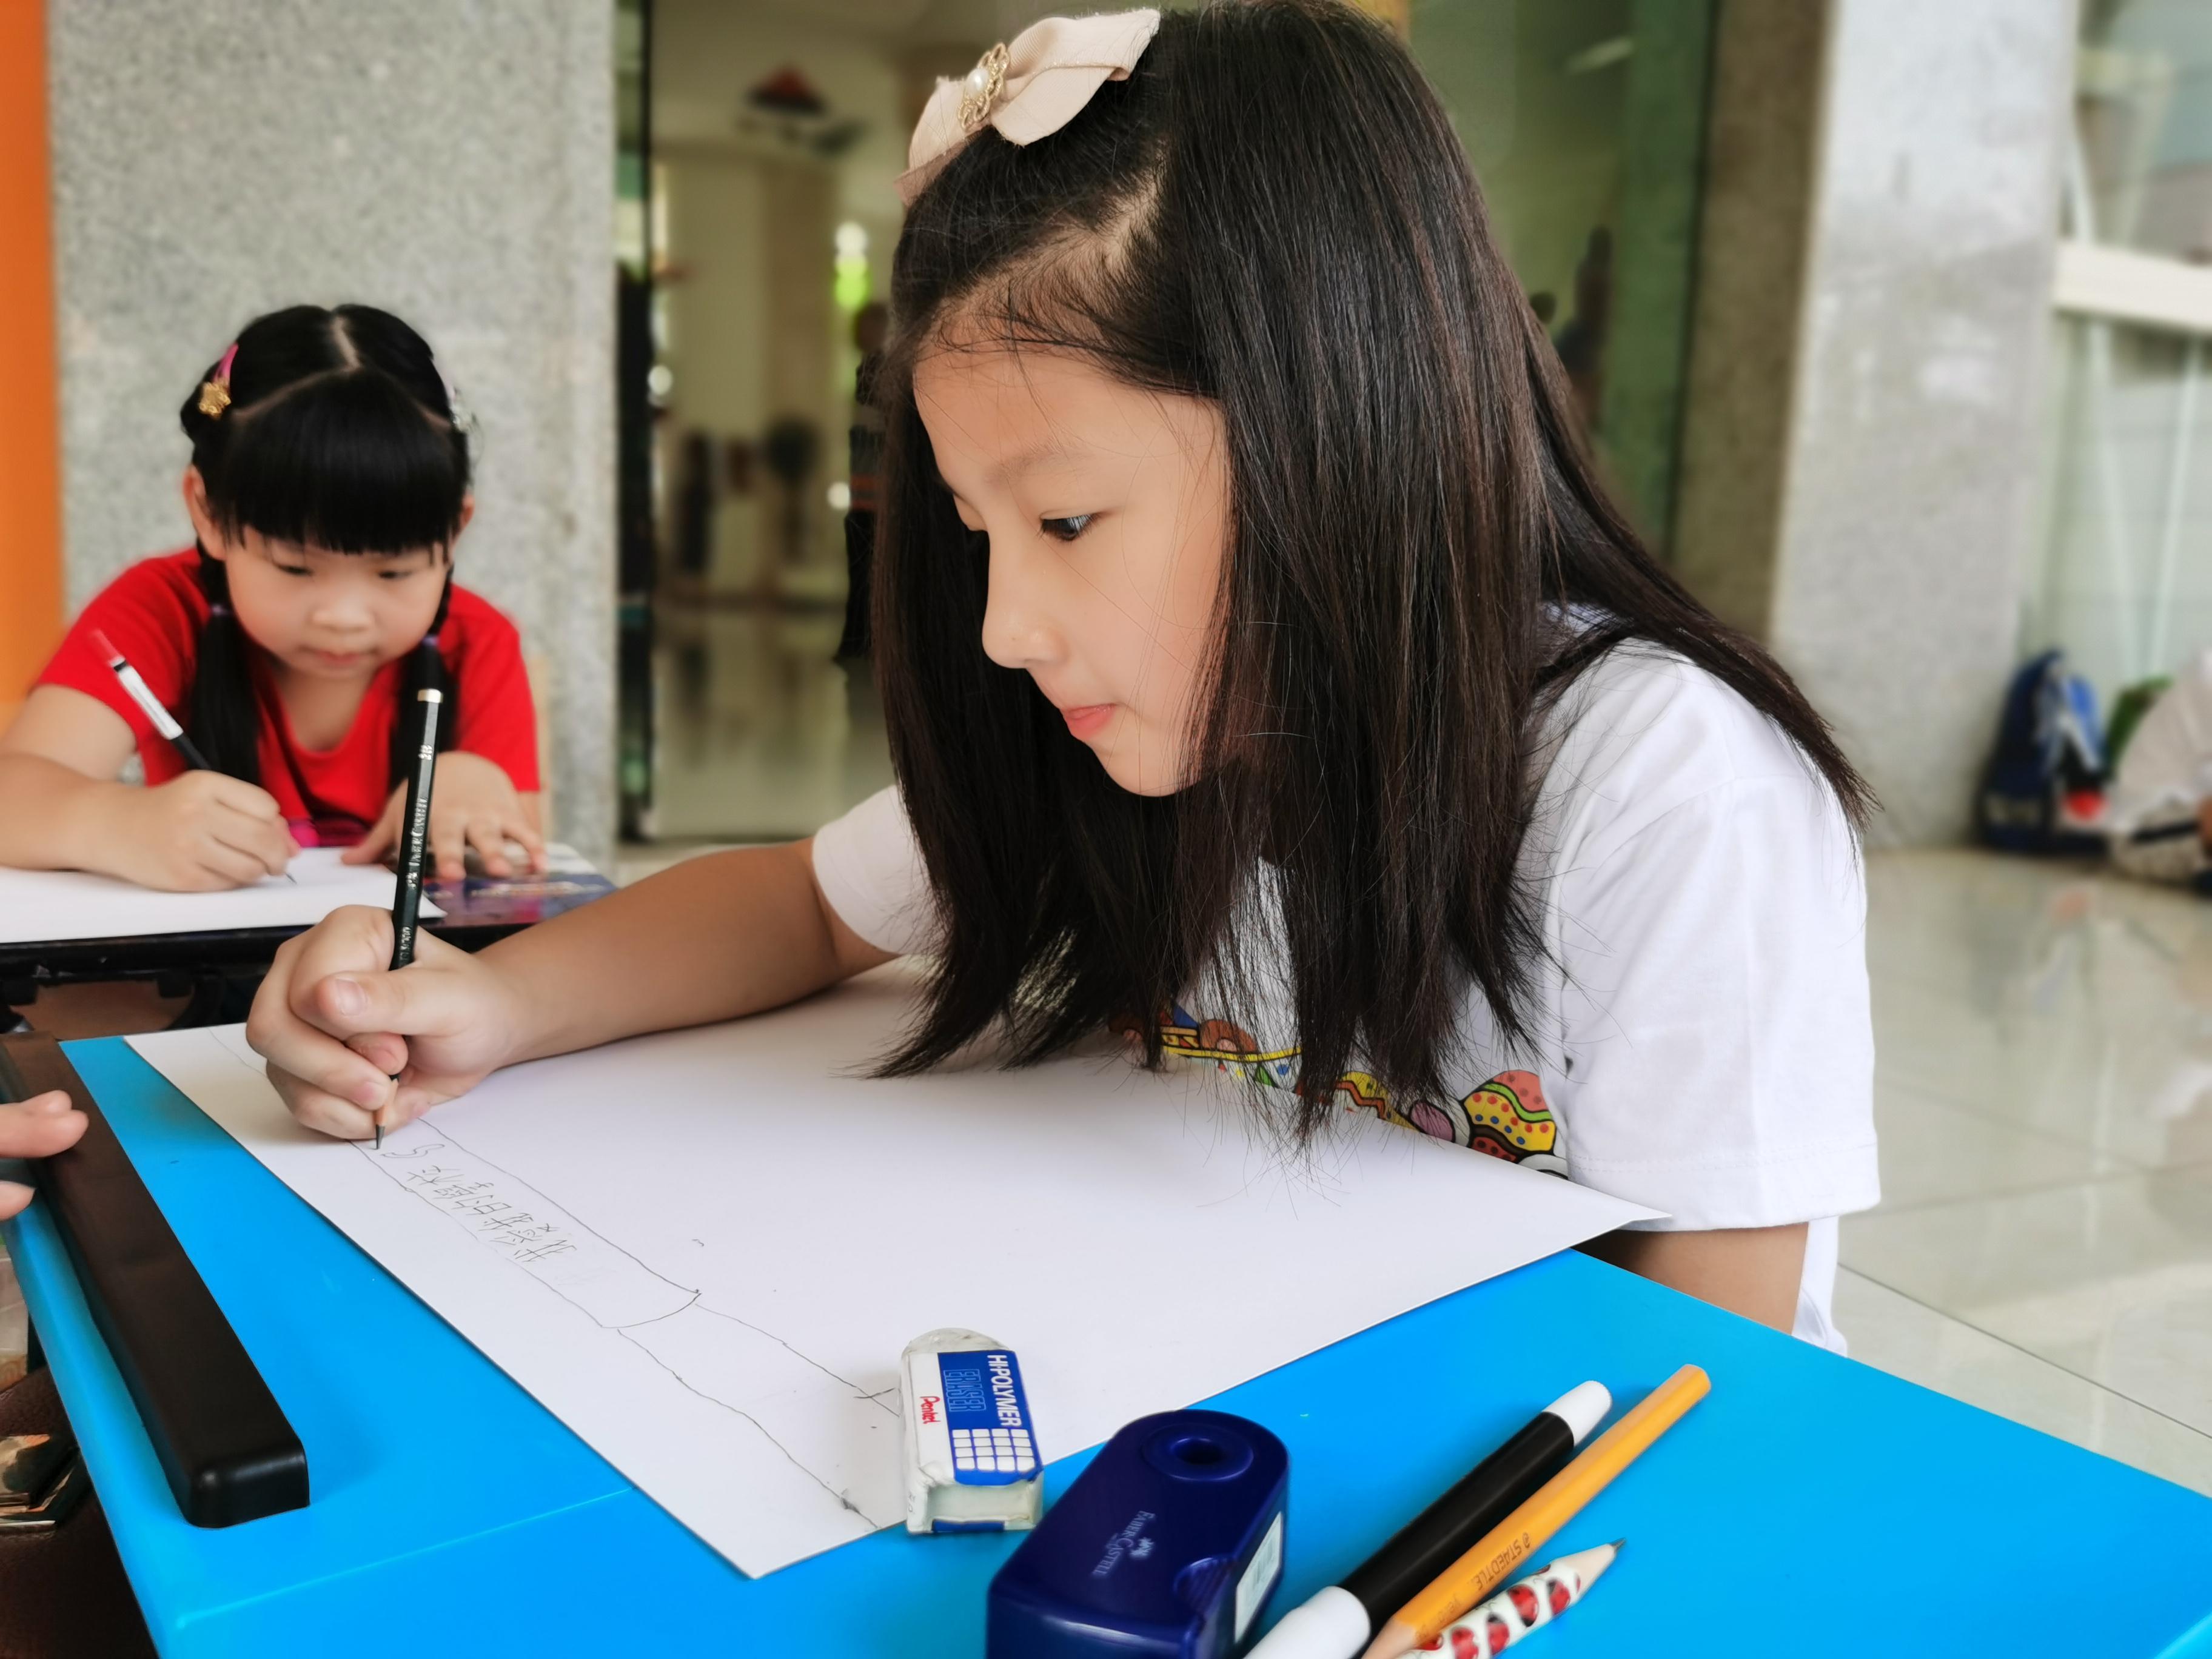 印尼泗水臺灣學校109學年度第三次商借公立高級中等以下學校教師簡章